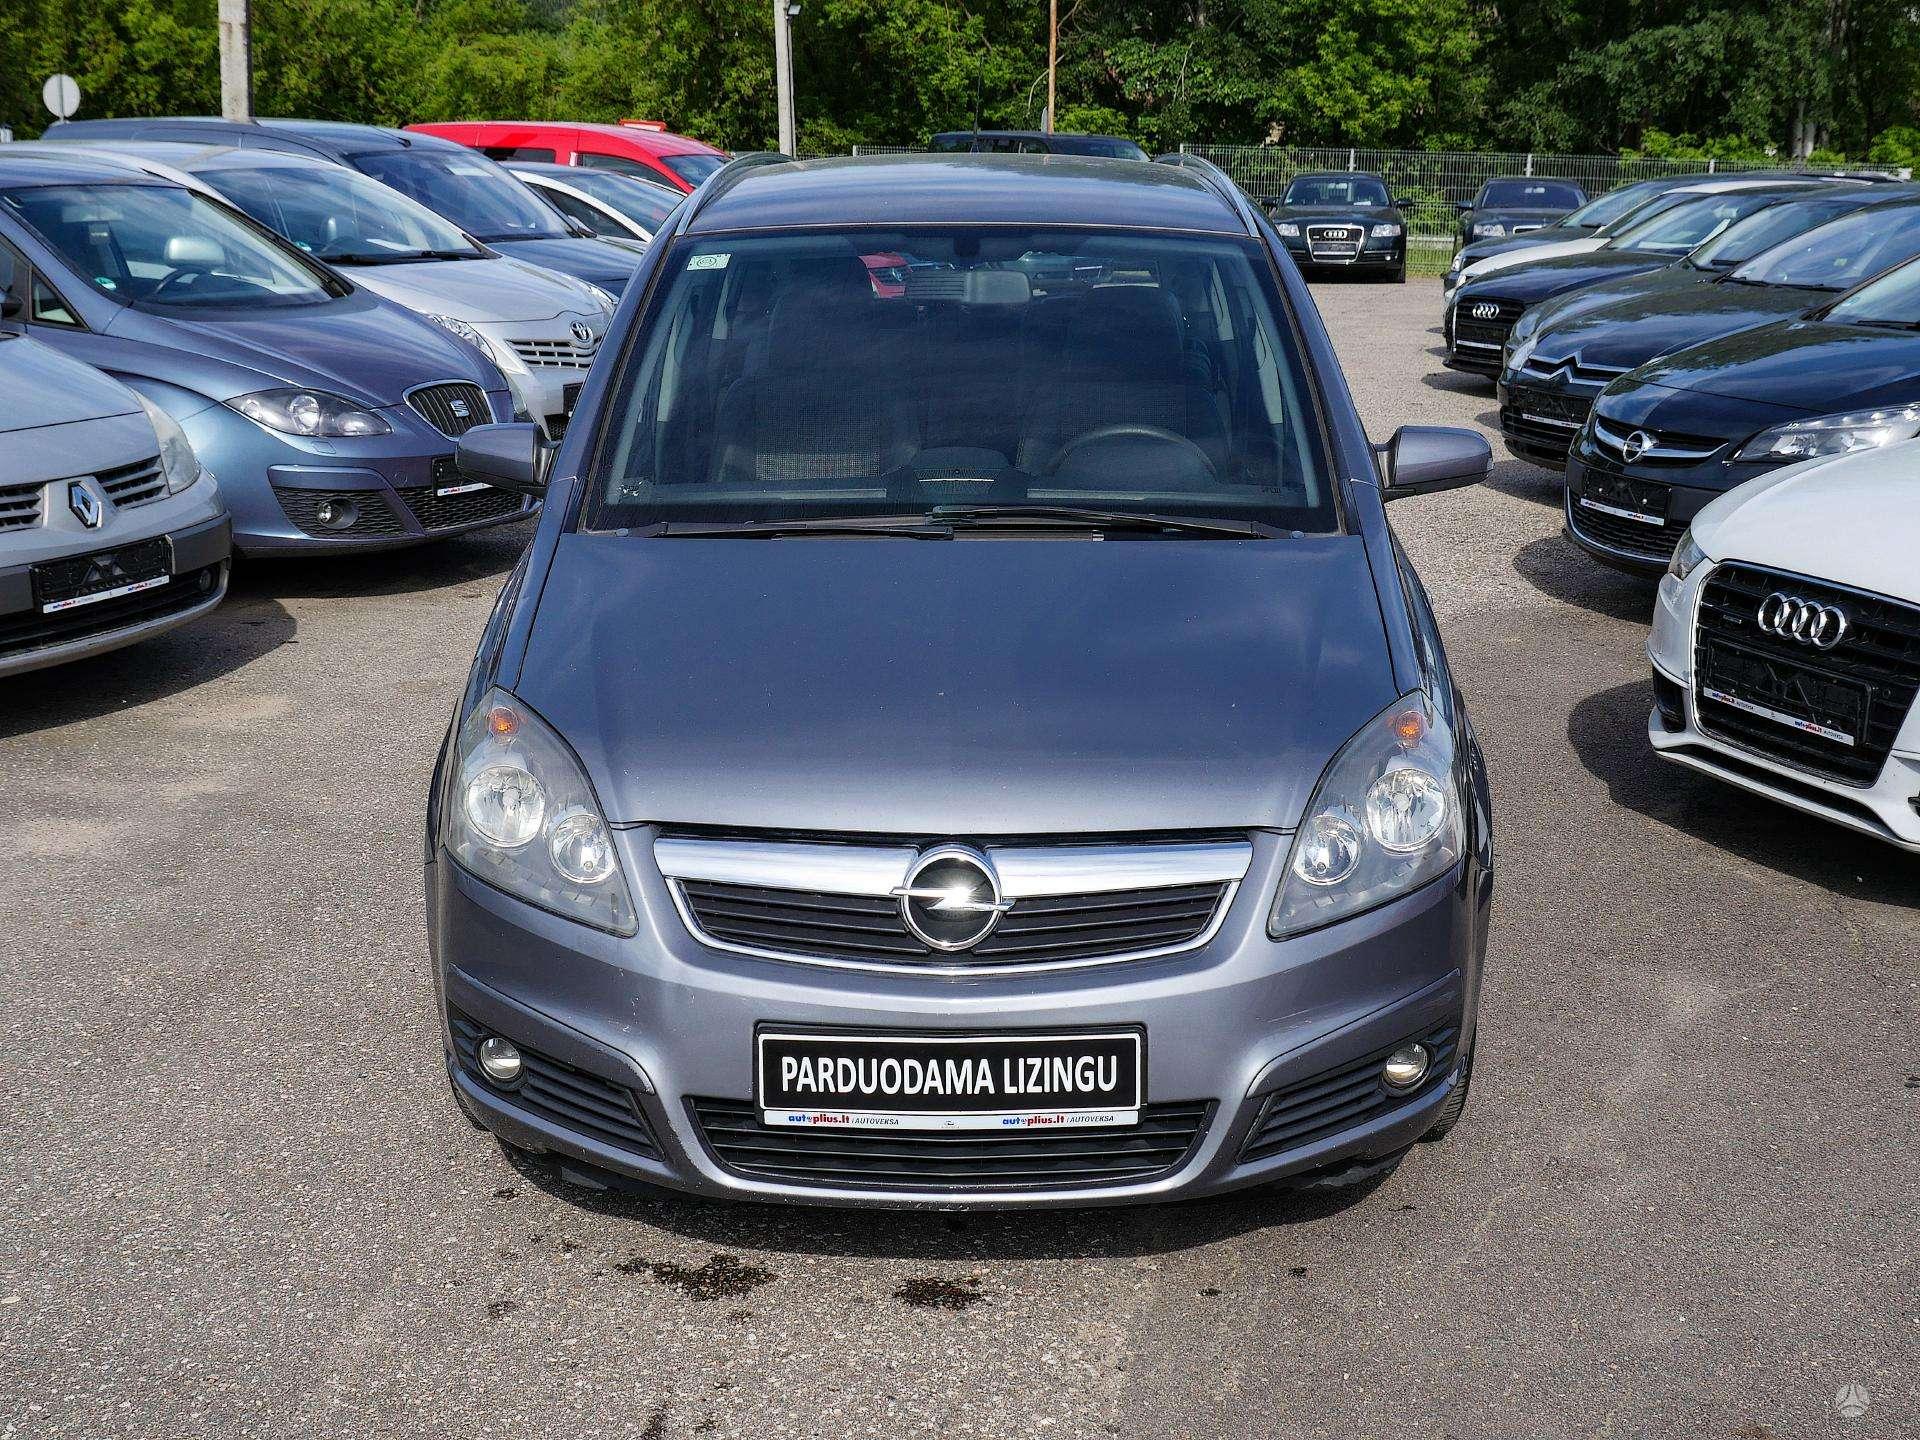 Opel Zafira išsimokėtinai nuo 67Eur/Mėn su 3 mėnesių garantija